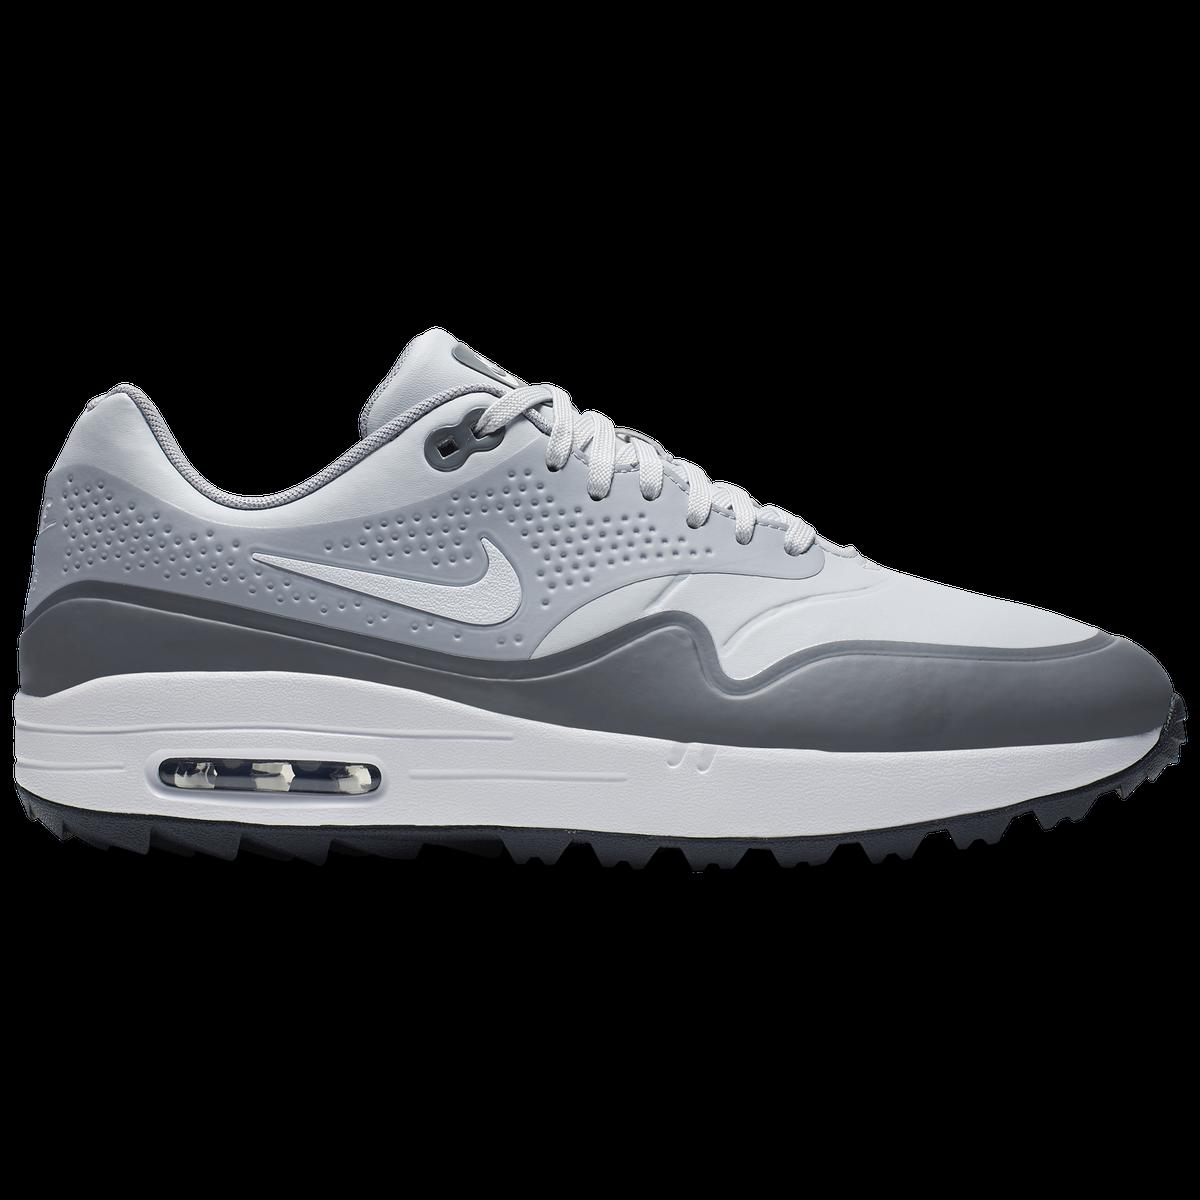 143e7fe9ca Nike Air Max 1 G Men's Golf Shoe - White/Grey | PGA TOUR Superstore